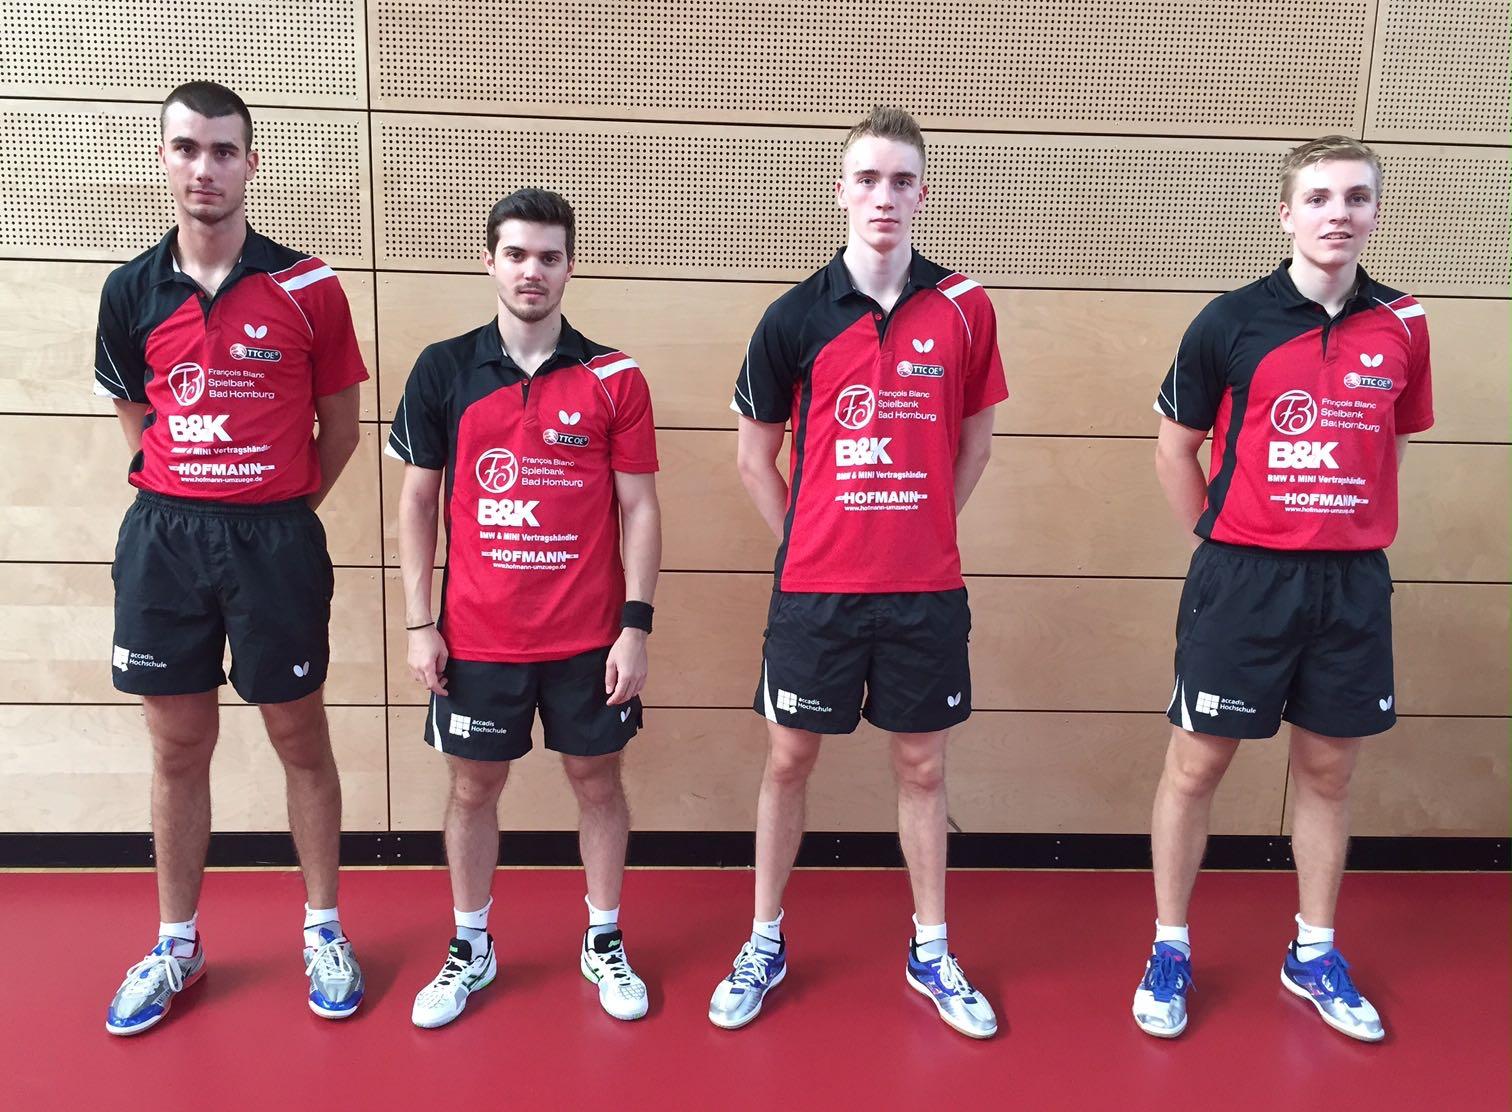 images/artikel/16-17/TTC Team in Saarbrcken.jpg